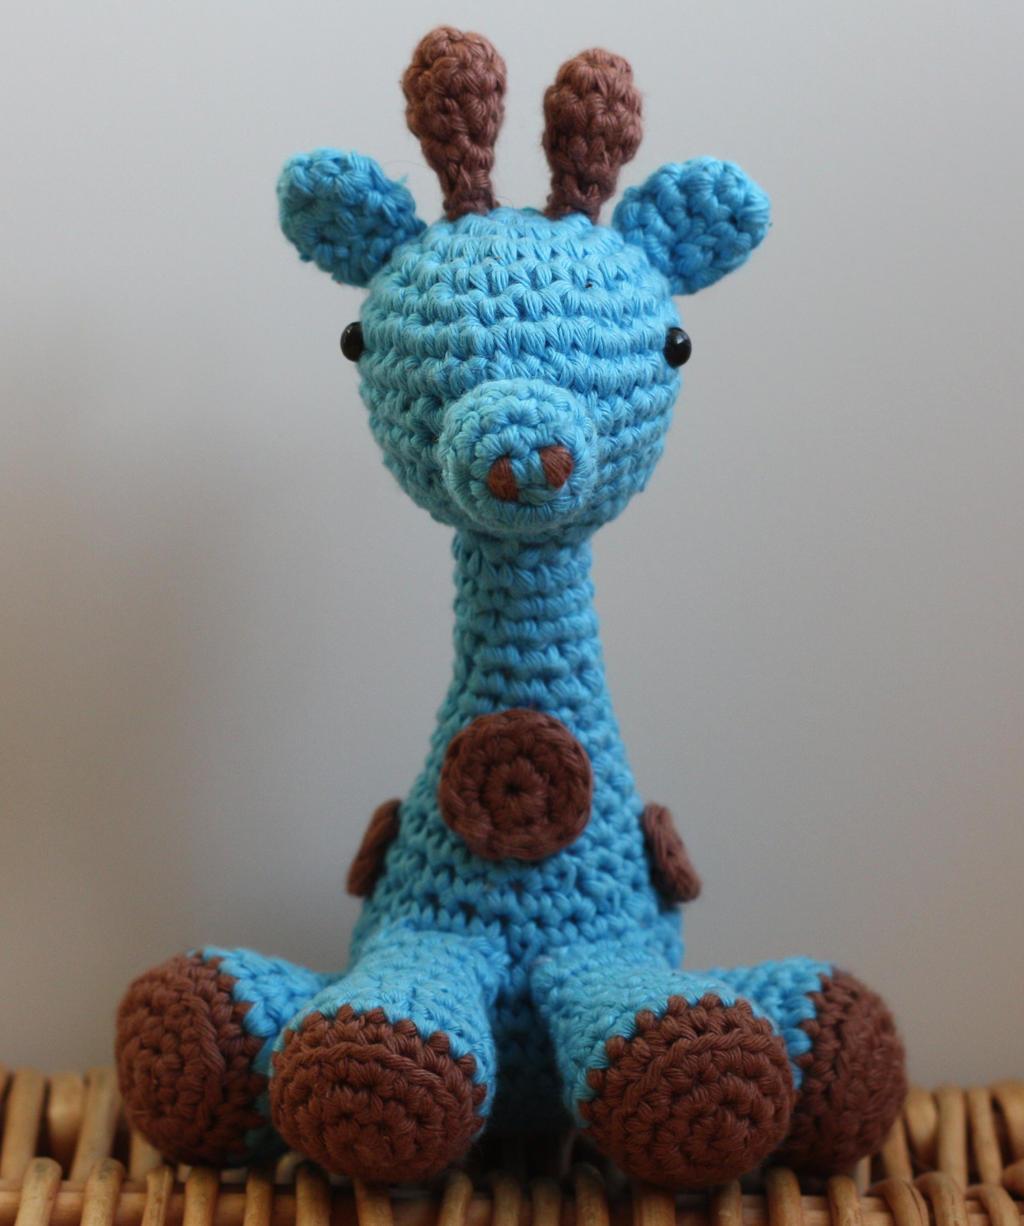 Blue Giraffe (Crochet -- amigurumi) by matandhelen on DeviantArt